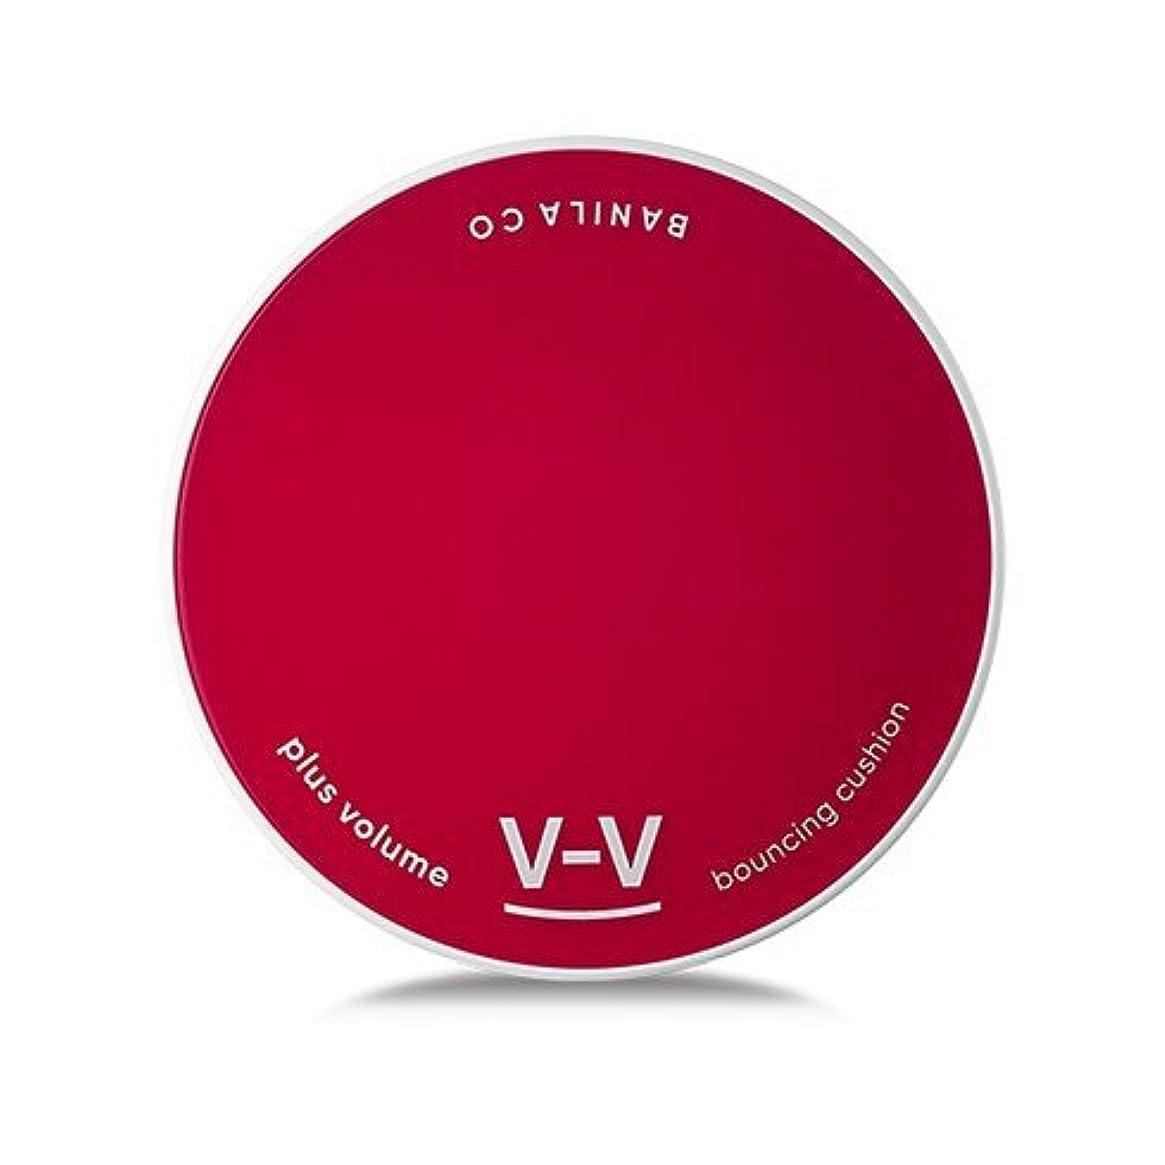 ハチライドバンド[Renewal] BANILA CO V-V Bouncing Cushion 15g + Refill 15g/バニラコ ブイ ブイ バウンシング クッション 15g + リフィル 15g (#BE10) [並行輸入品]